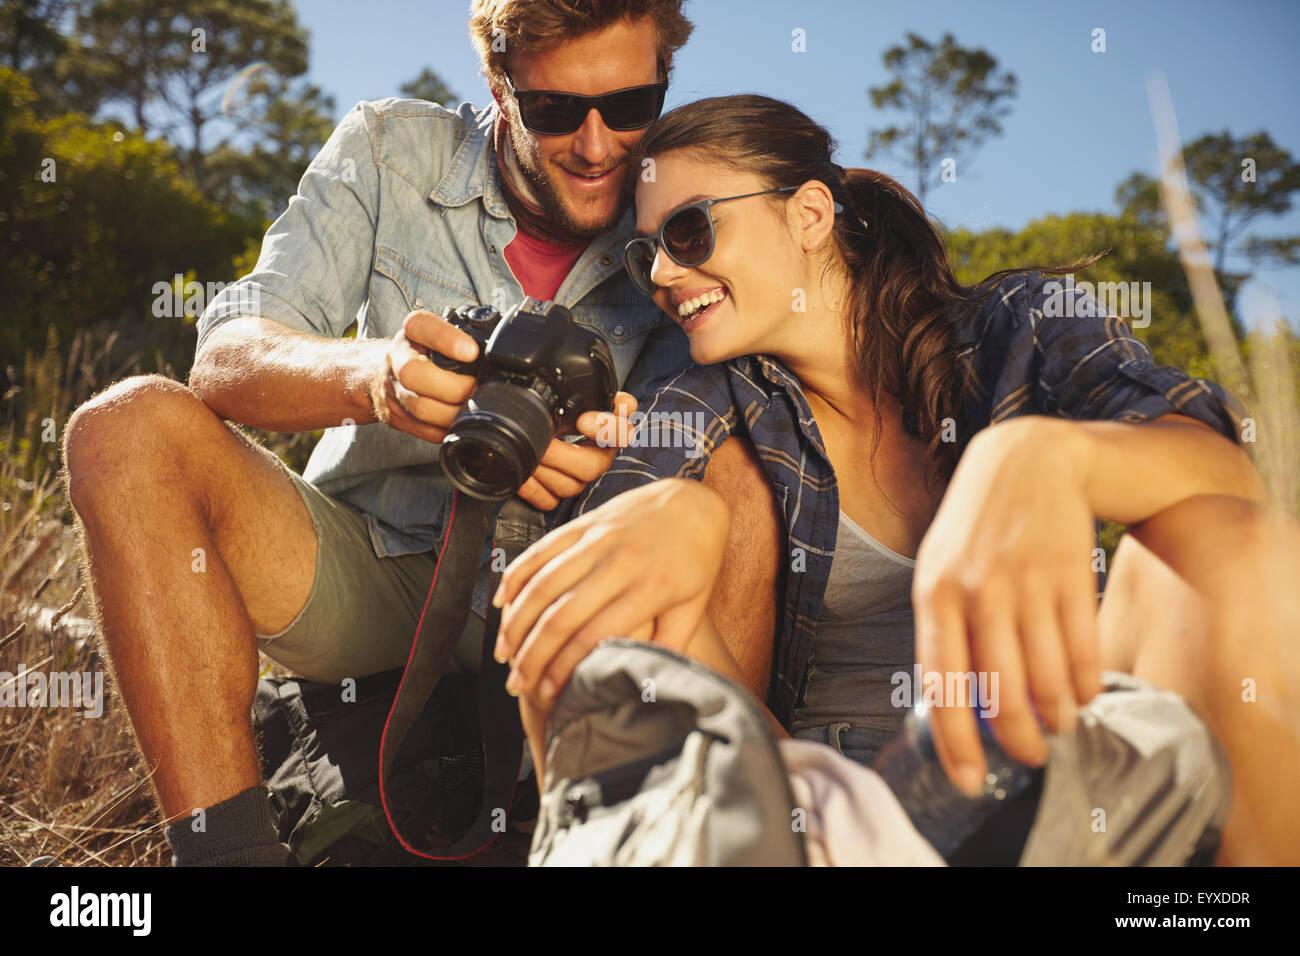 Wanderer-paar Digitalkamera aufgenommenen Bildes auf, während der Fahrt in den Urlaub im Freien. Lächelnde Stockbild